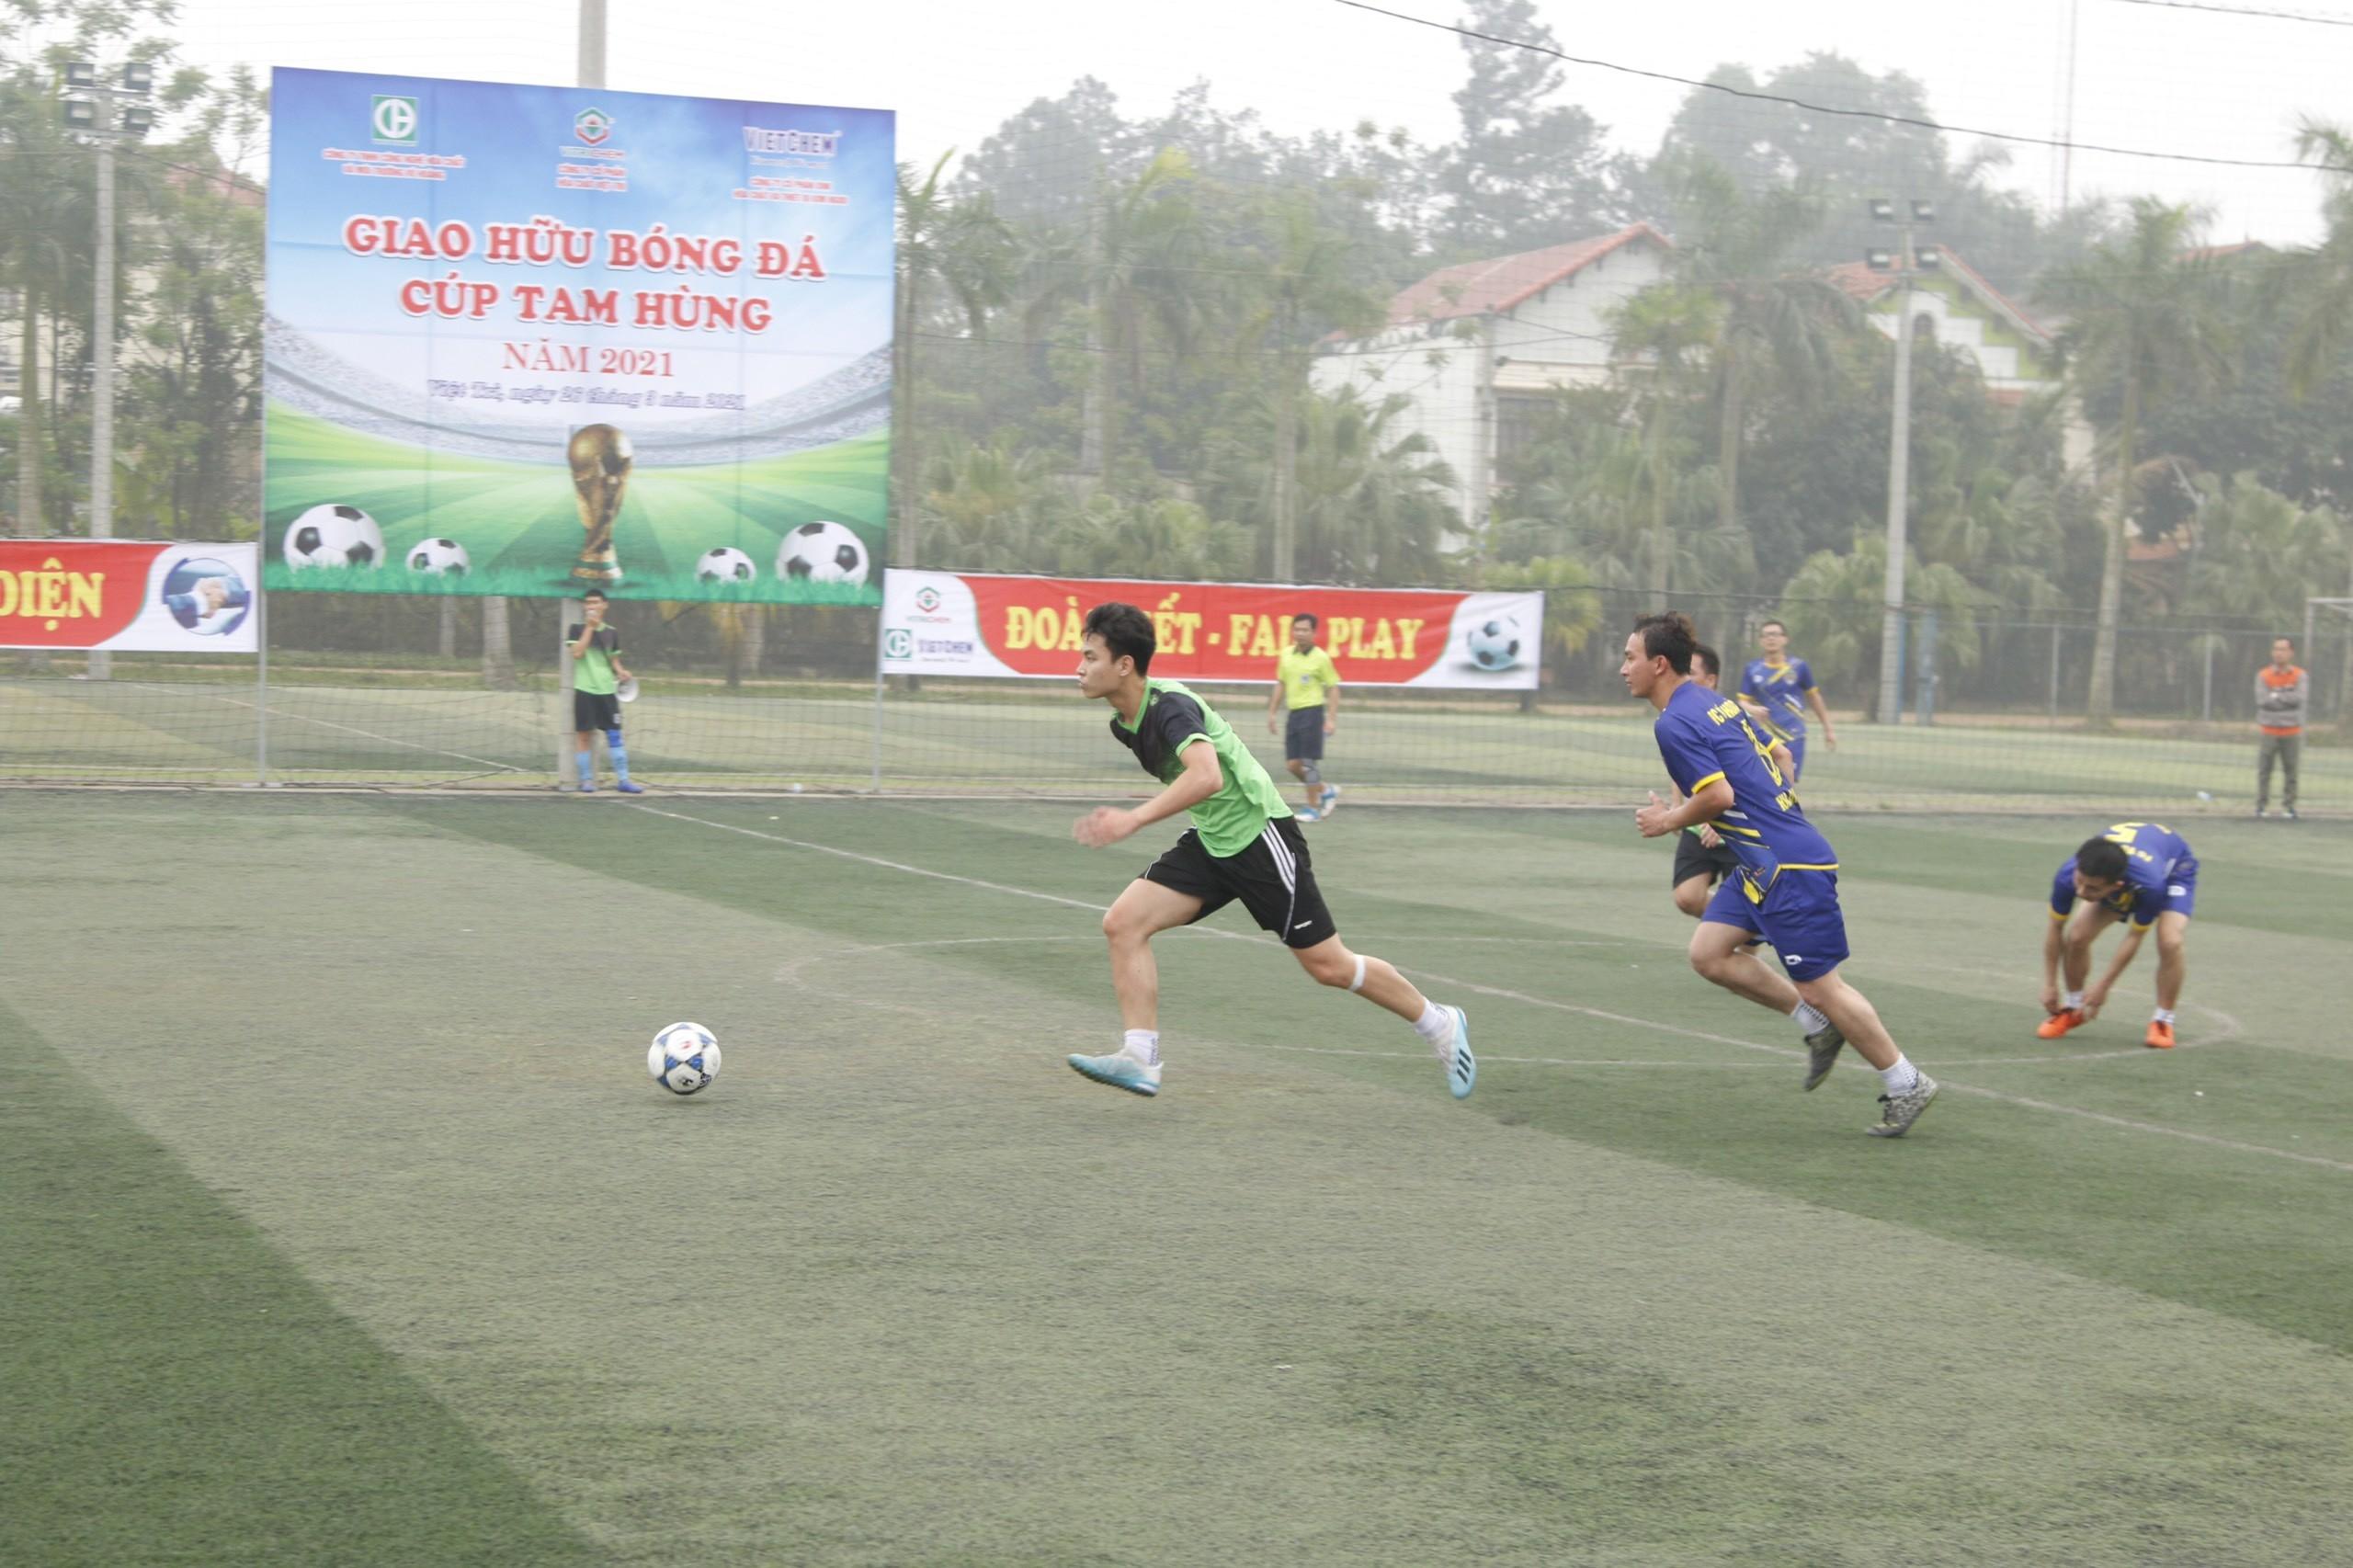 Giải bóng đá Tam Hùng 2